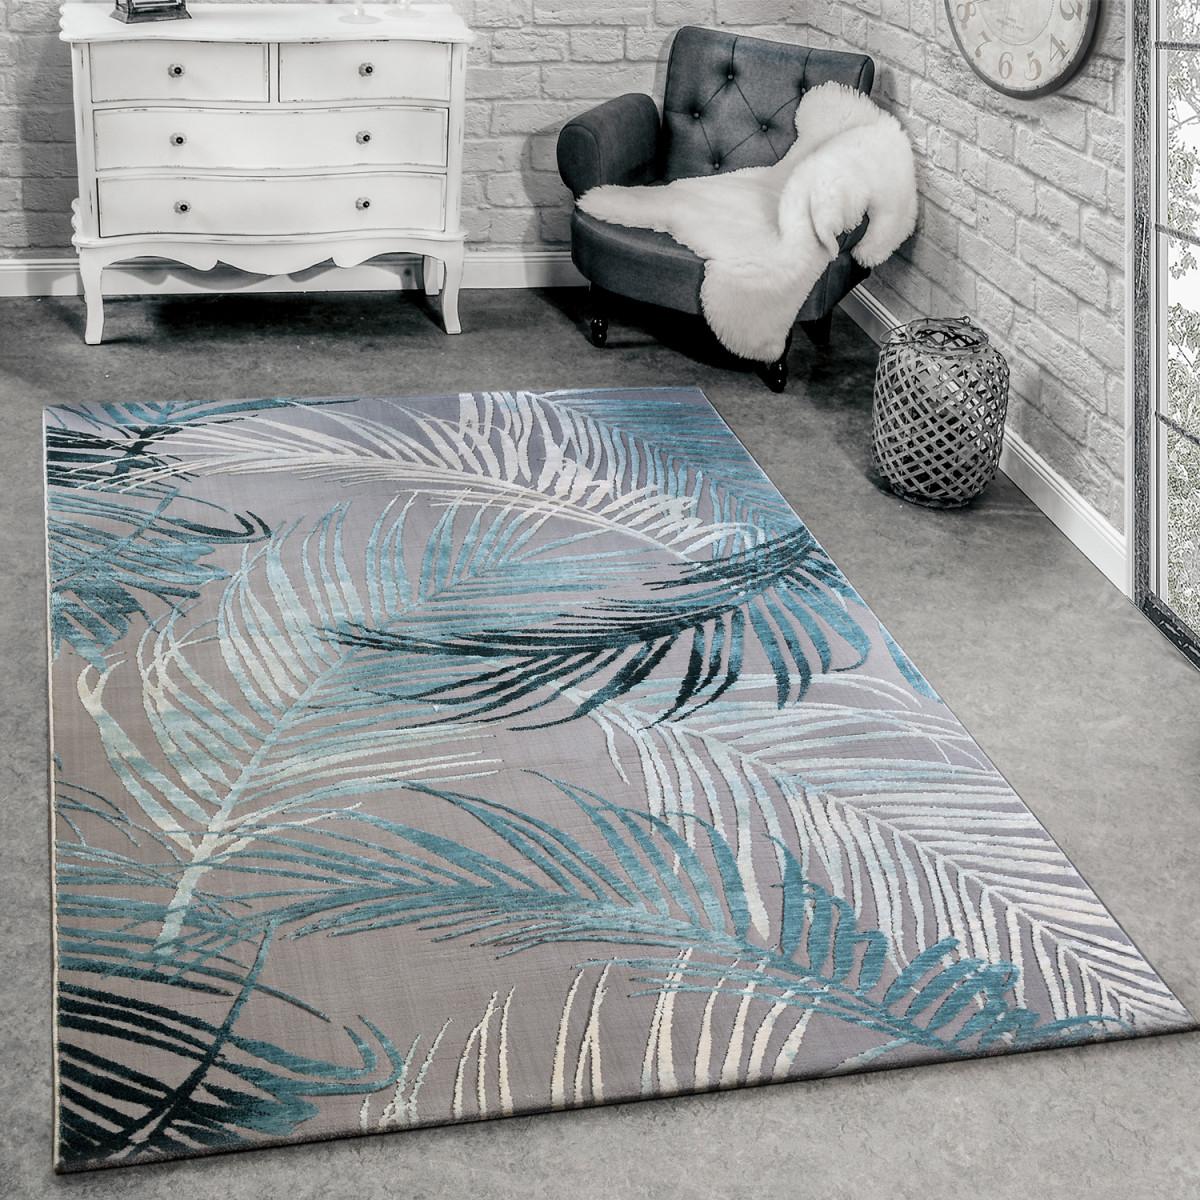 Details Zu Designer Teppich Modern Wohnzimmer Teppiche 3D Palmen Muster In  Grau Türkis Crem von Teppich Wohnzimmer Türkis Bild